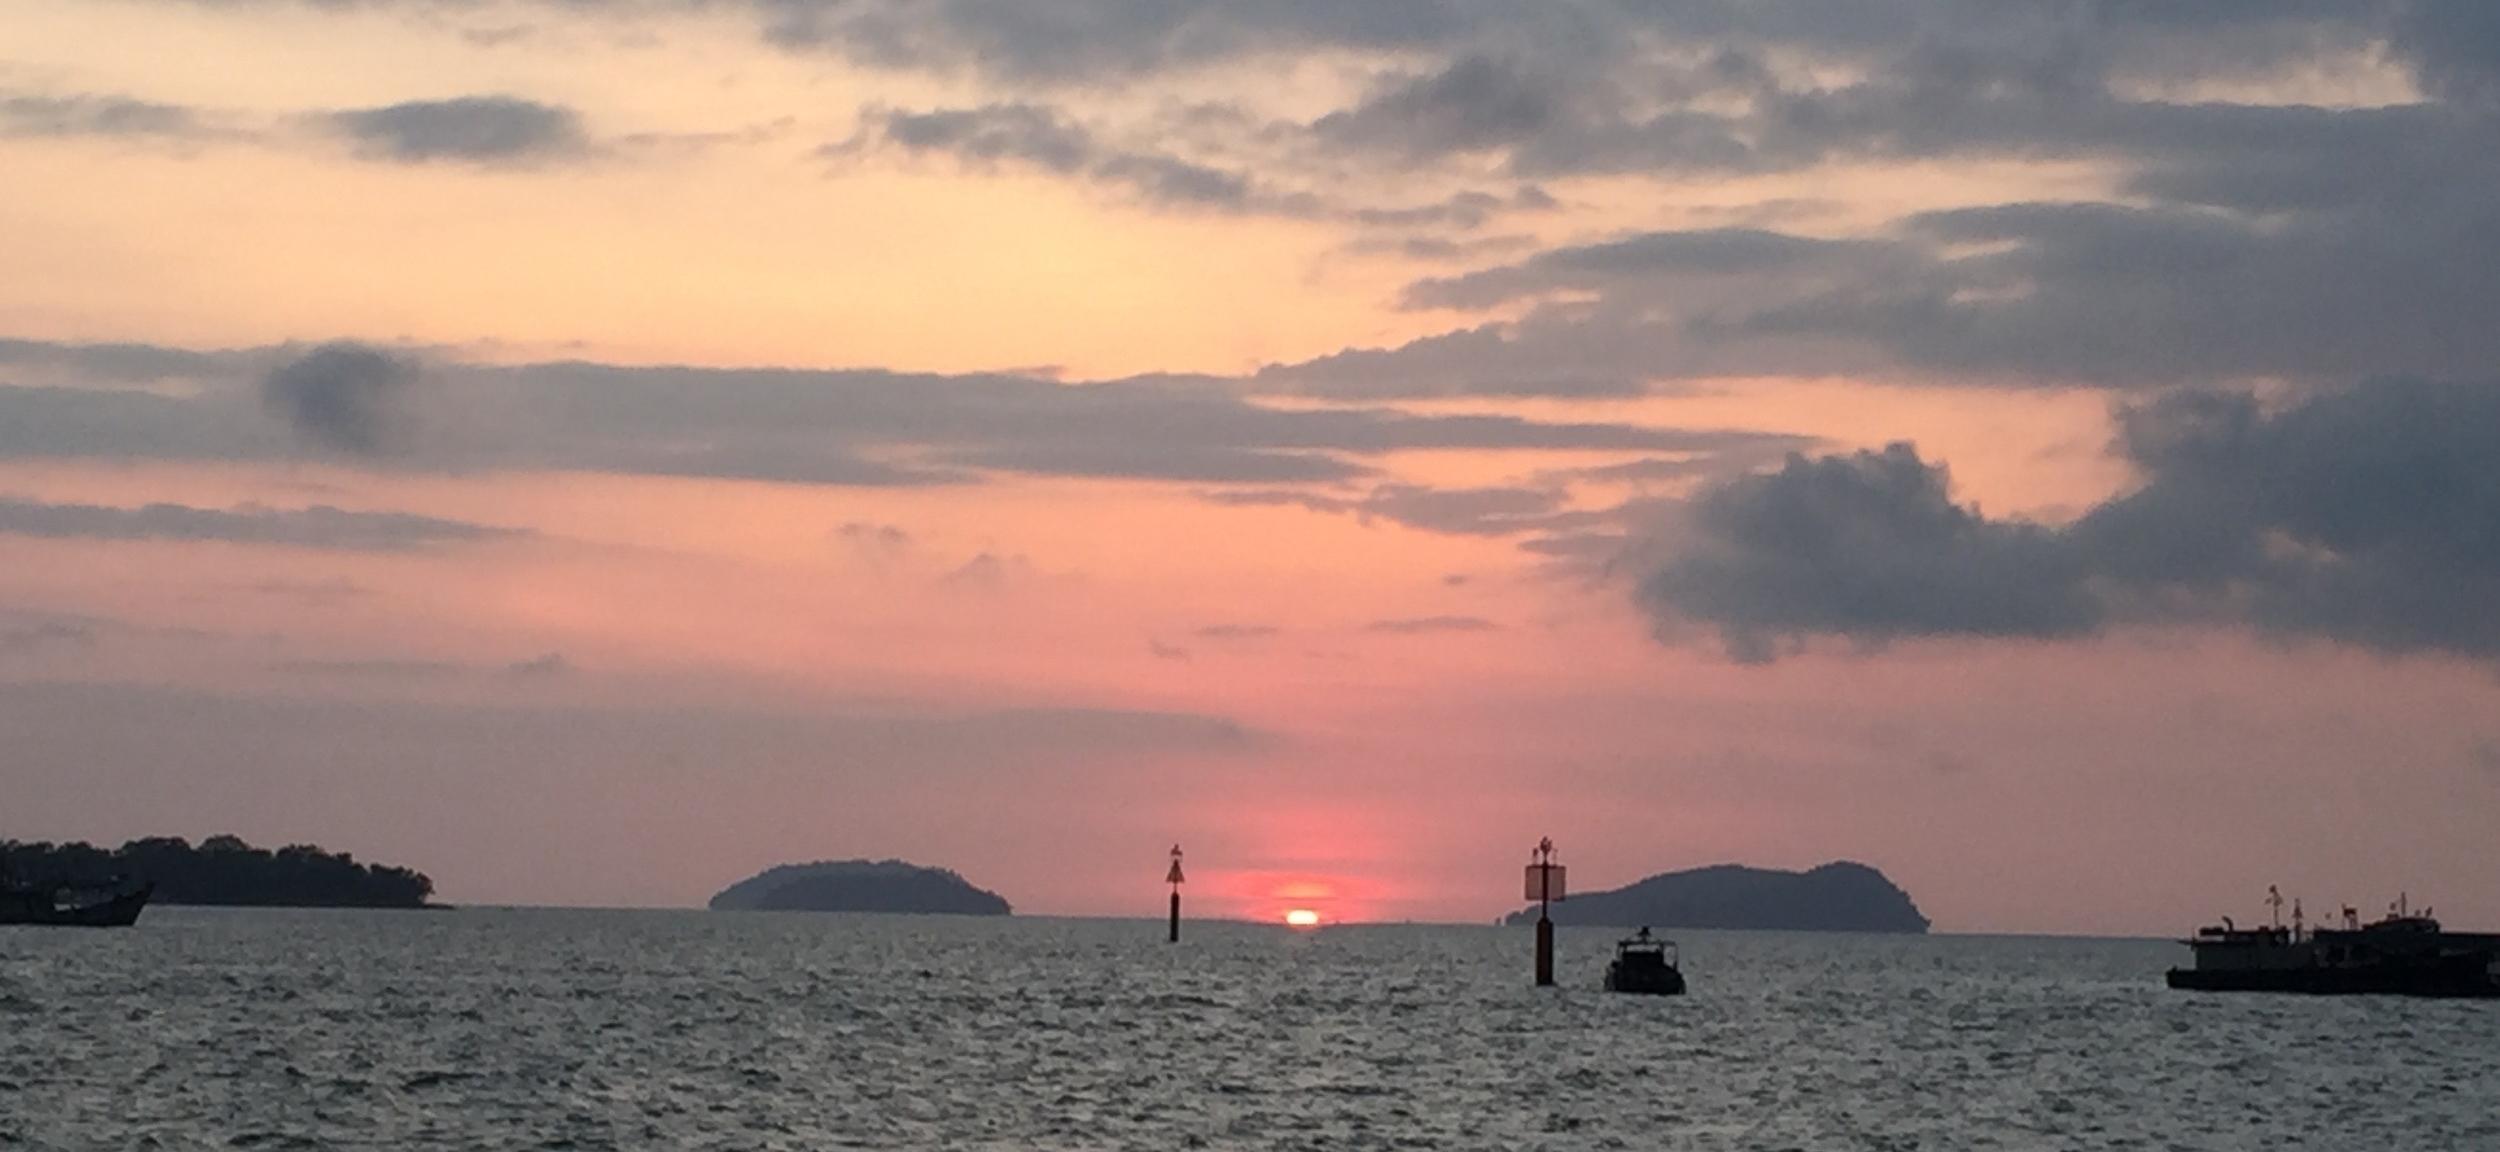 Kota Kinablau sunset